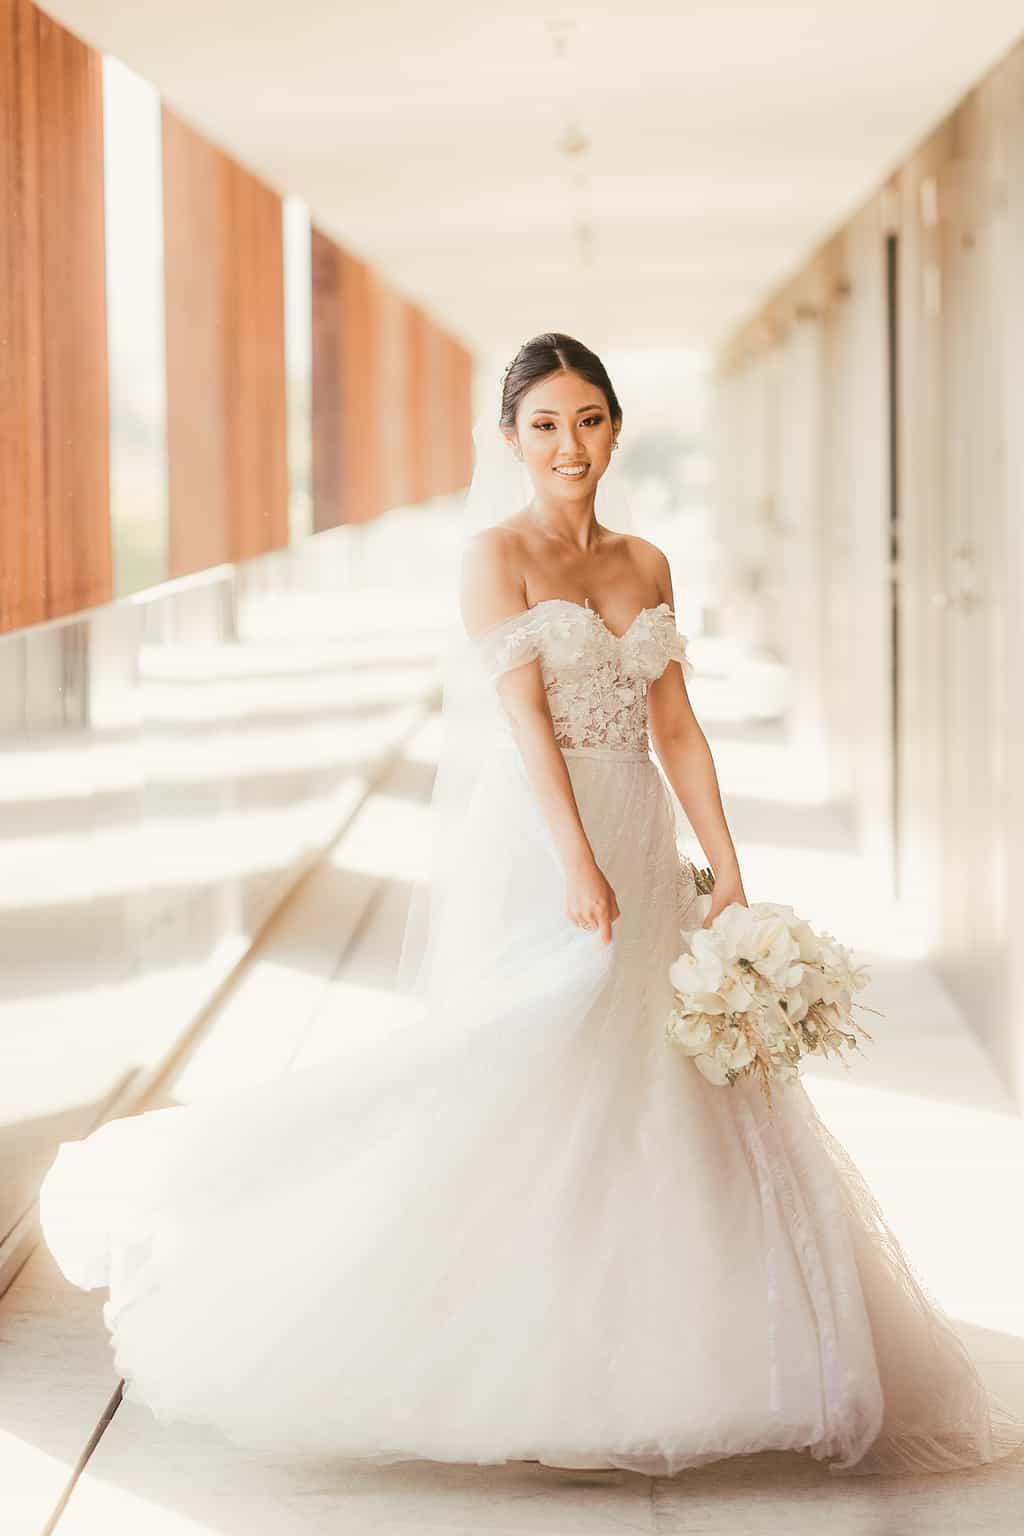 Casamento-Alissa-e-Gustavo-Cerimonial-Manu-Goncalez-Decor-Andrea-Kapps-Fasano-Angra-dos-Reis-Foto-VRebel-G-Junior-Making-of2274